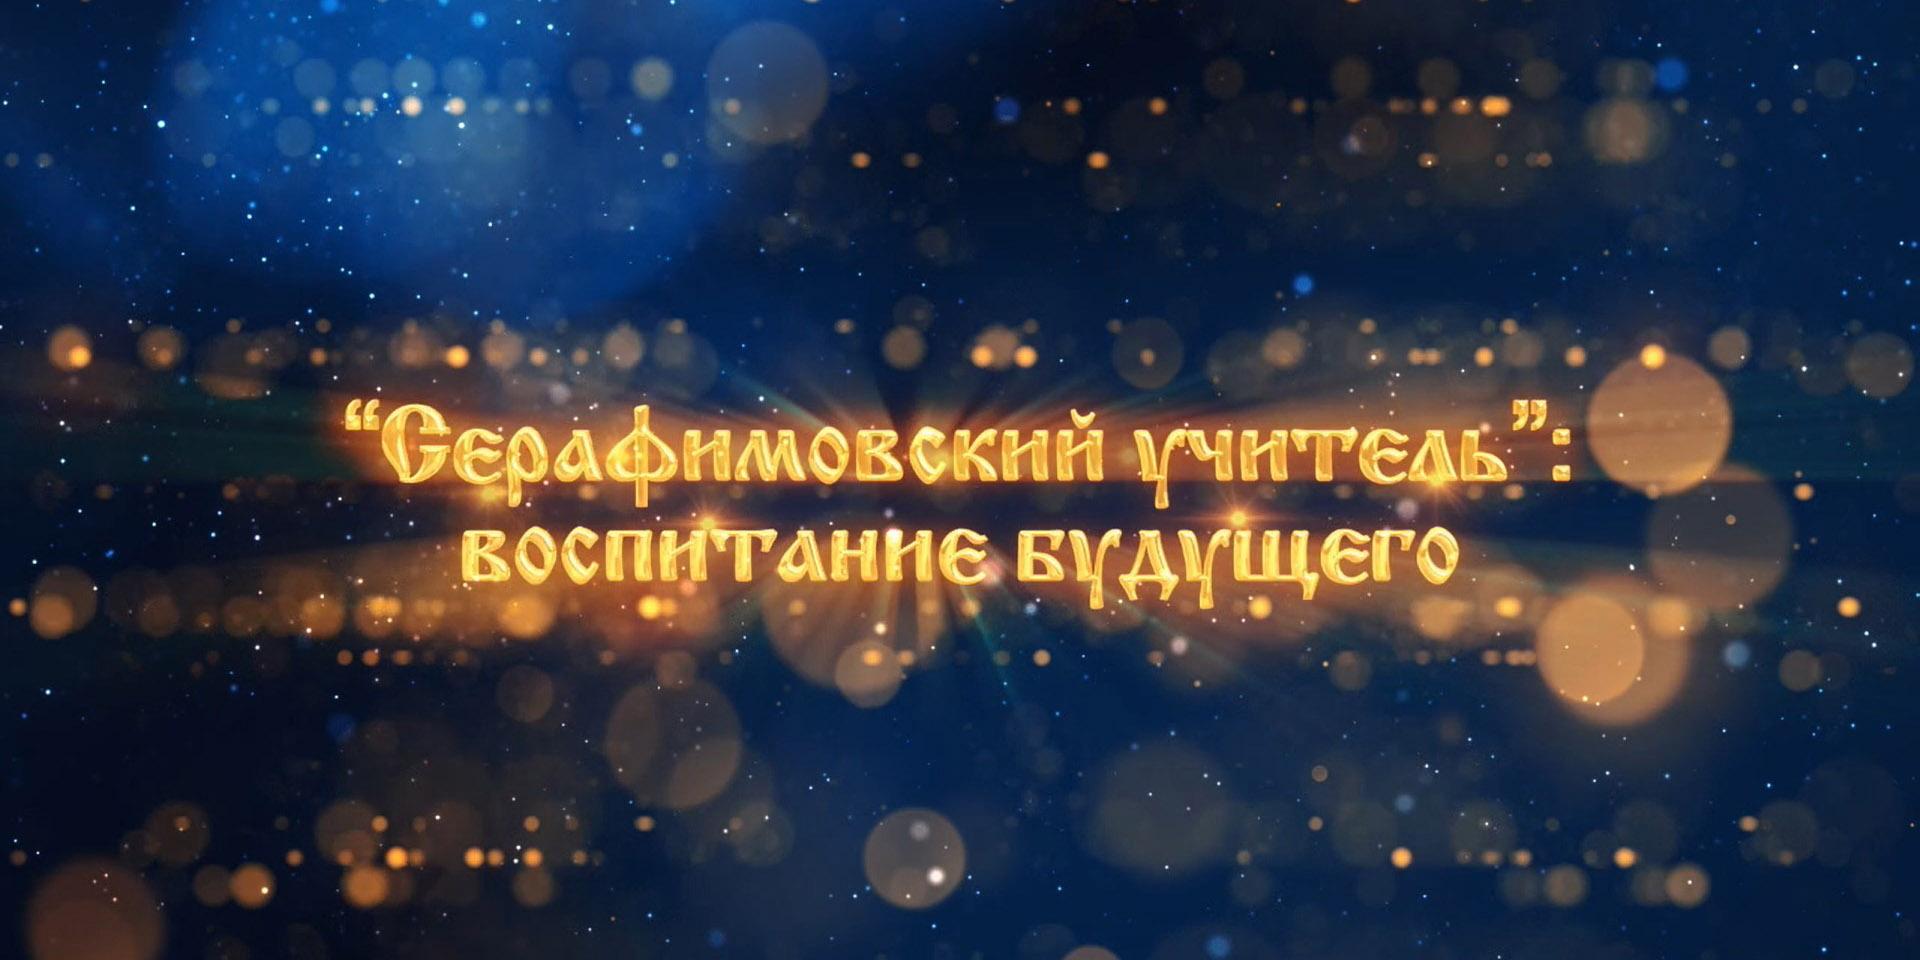 «Серафимовский учитель»: воспитание будущего